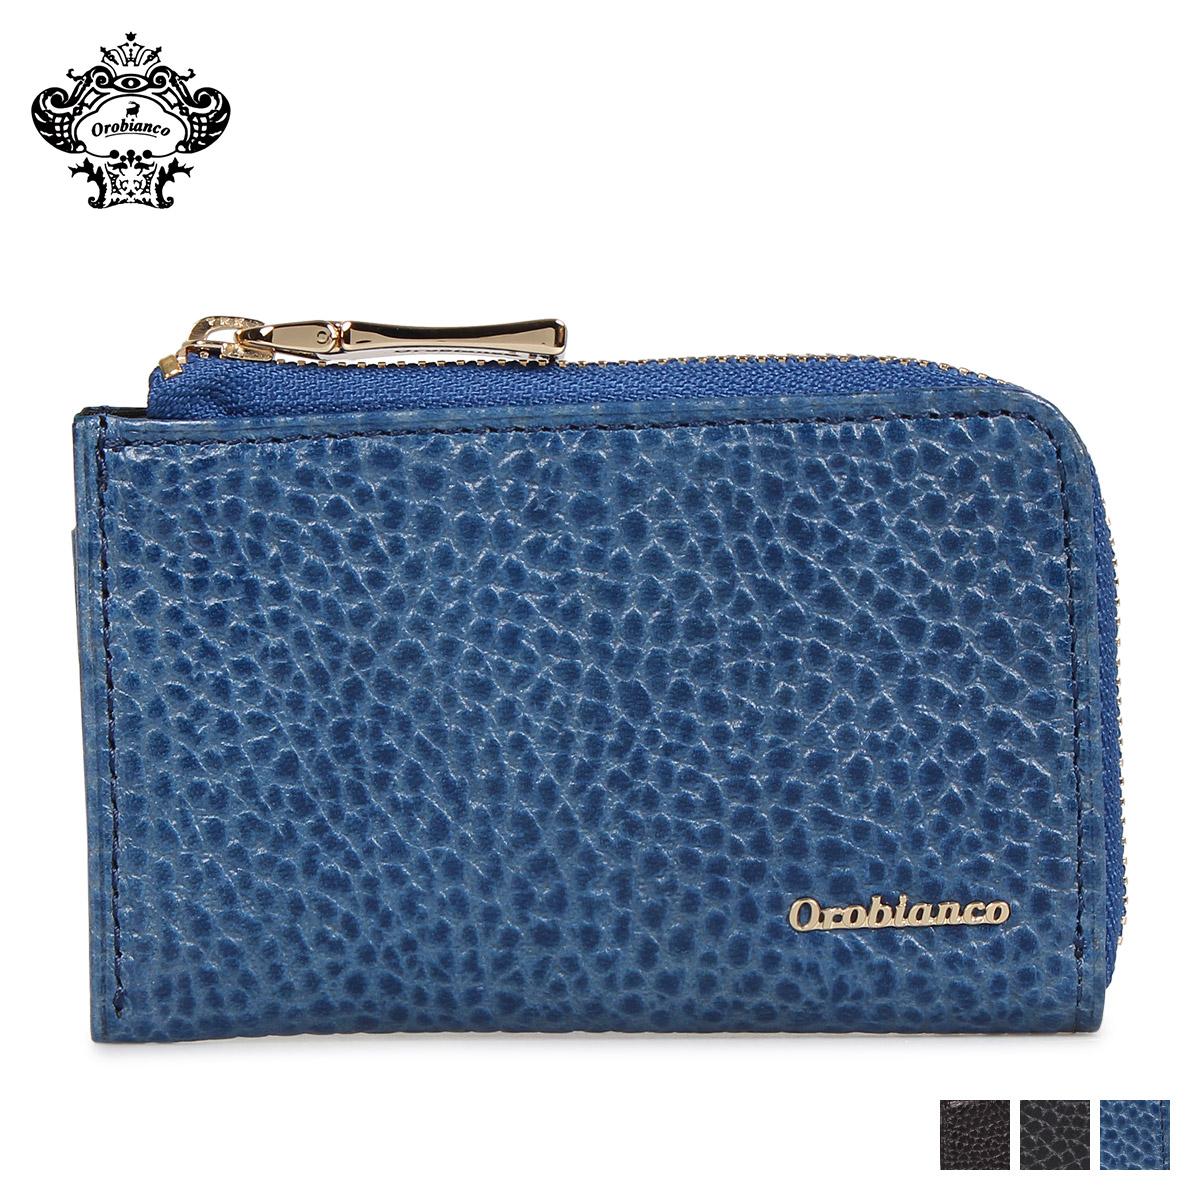 Orobianco オロビアンコ 財布 小銭入れ コインケース メンズ レザー L字ファスナー COIN PURSE ブラック ネイビー ブルー 黒 ORS-021018